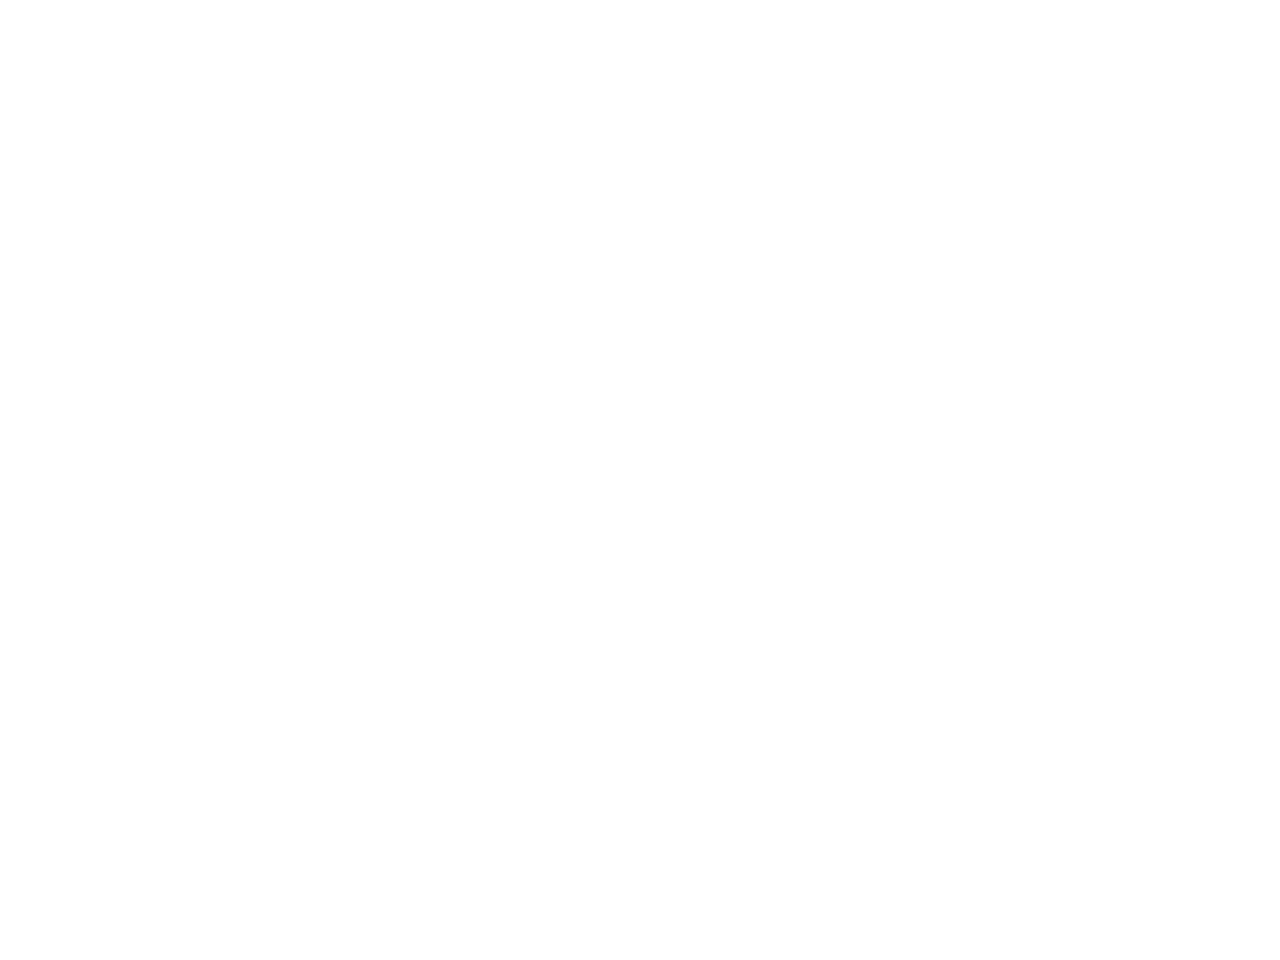 侠侣亲子游—城市家庭首选的亲子生活消费电商平台!亲子去哪玩,欢乐侠侣团!